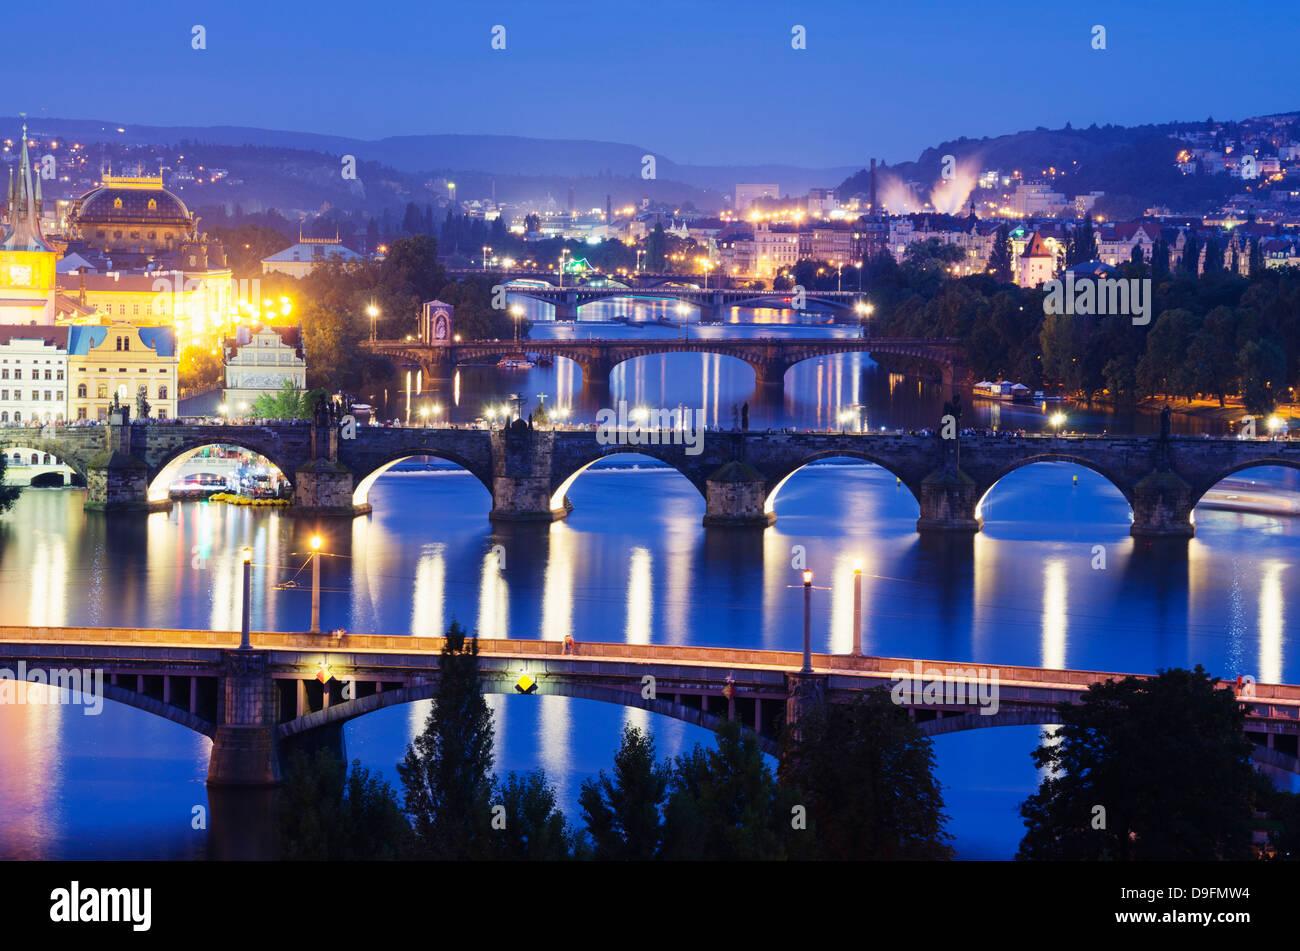 Brücken auf der Vltava (Moldau), UNESCO-Weltkulturerbe, Prag, Tschechische Republik Stockbild